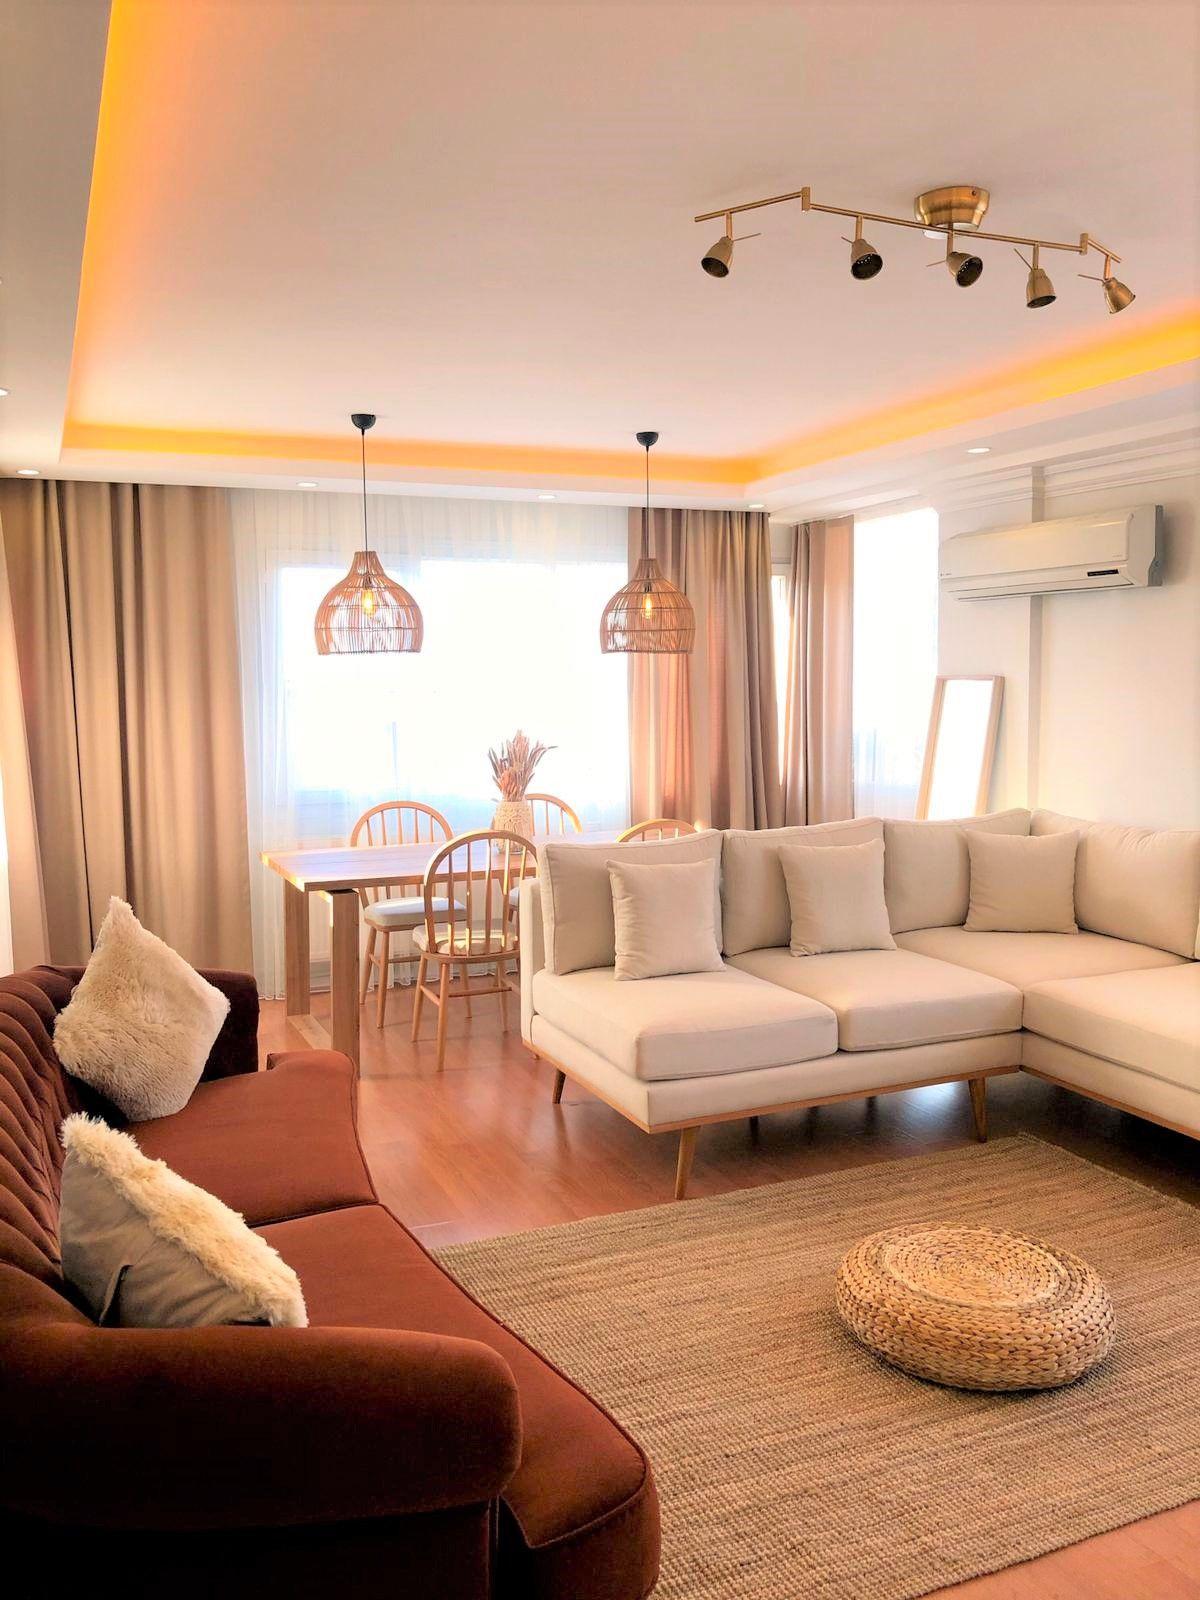 Photo of Beyaz ve Kiremit Tonunun Çok Yakıştığını Kanıtlayan Bir Ev!